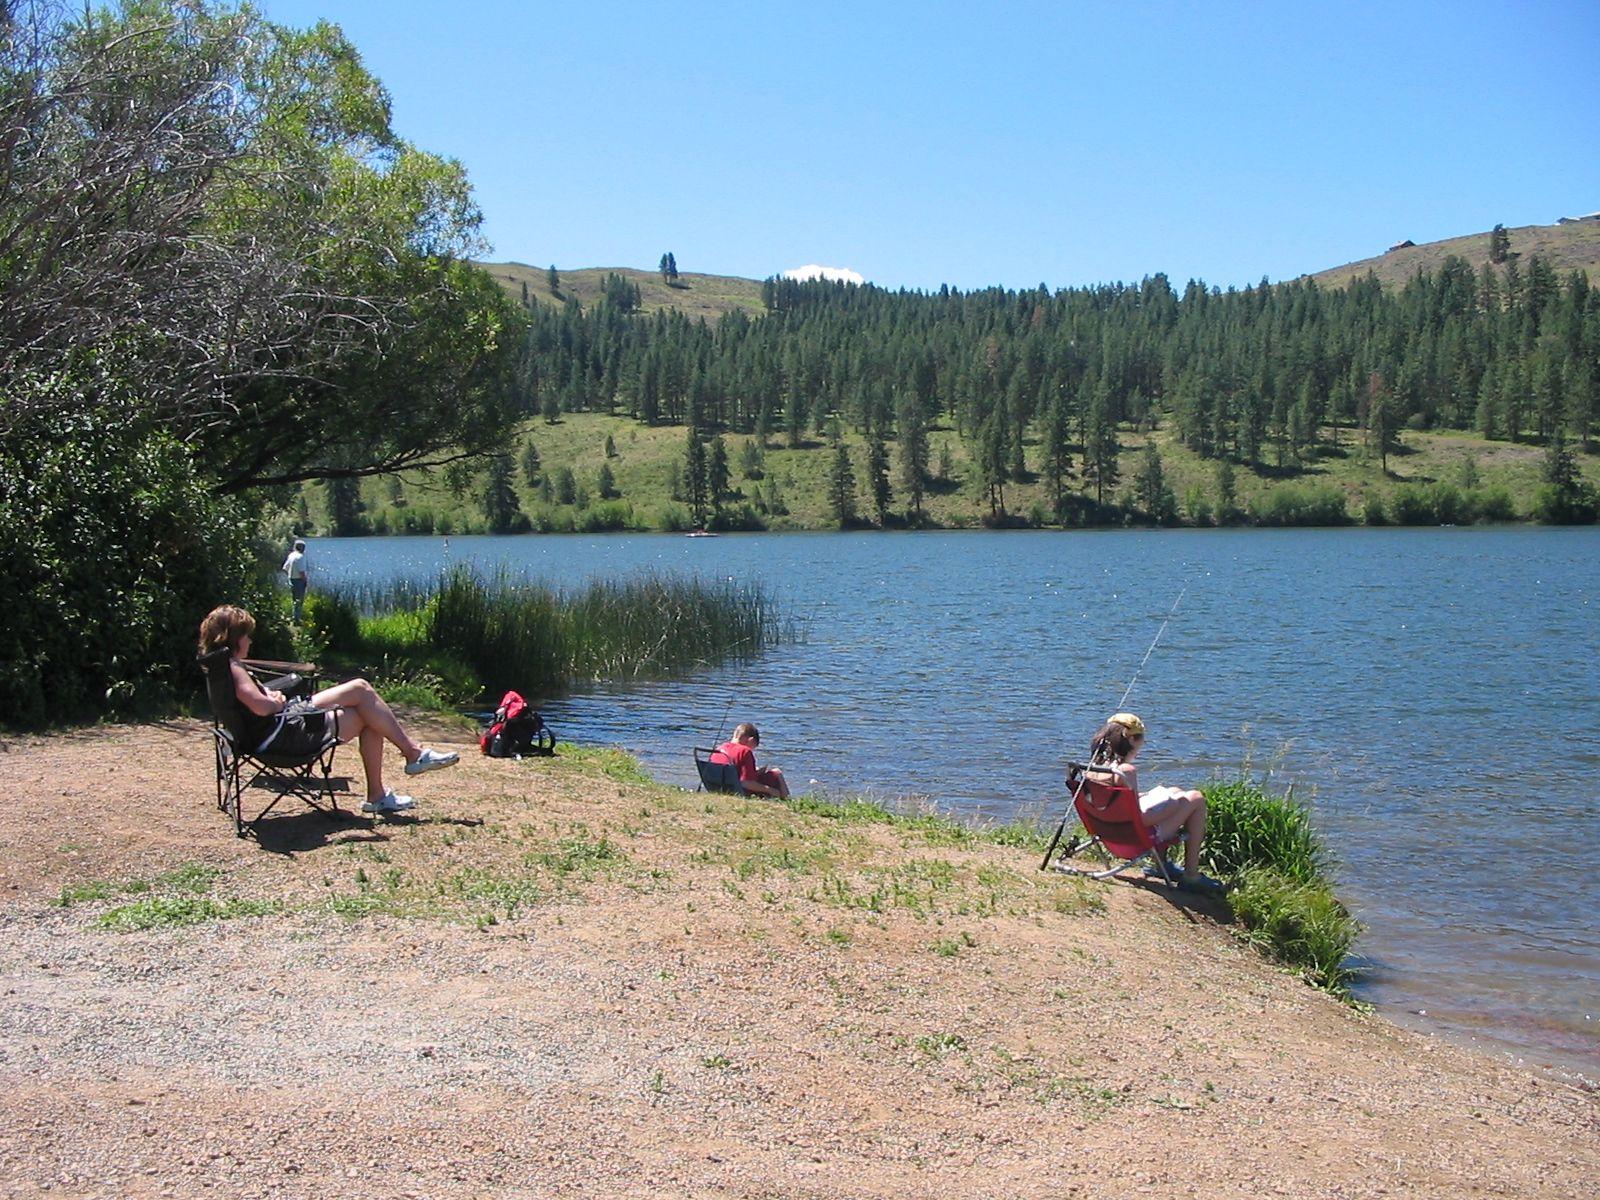 Pearrygin Lake State Park Winthrop Washington State Parks Washington Camping Camping Trip Checklist